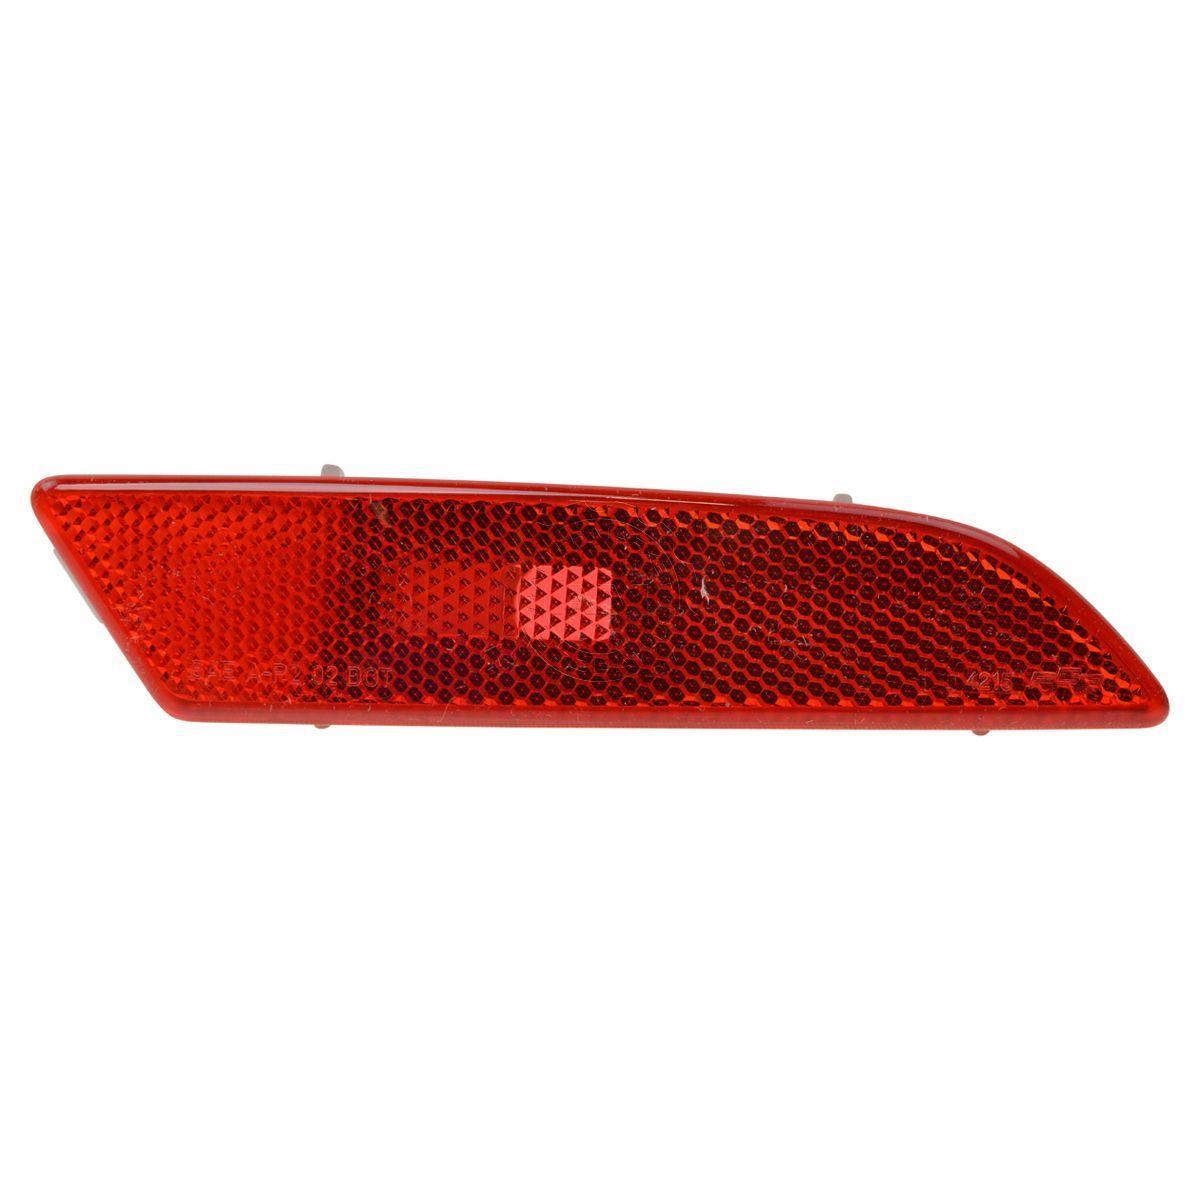 無料発送 コーナーライト OEM Side Marker Parking Light Lamp LH Driver Rear Red for Chrysler Crossfire New OEMサイドマーカーパーキングライトランプLH Driver Rear Red for Chrysler Crossfire New, P-star 98ec8c44